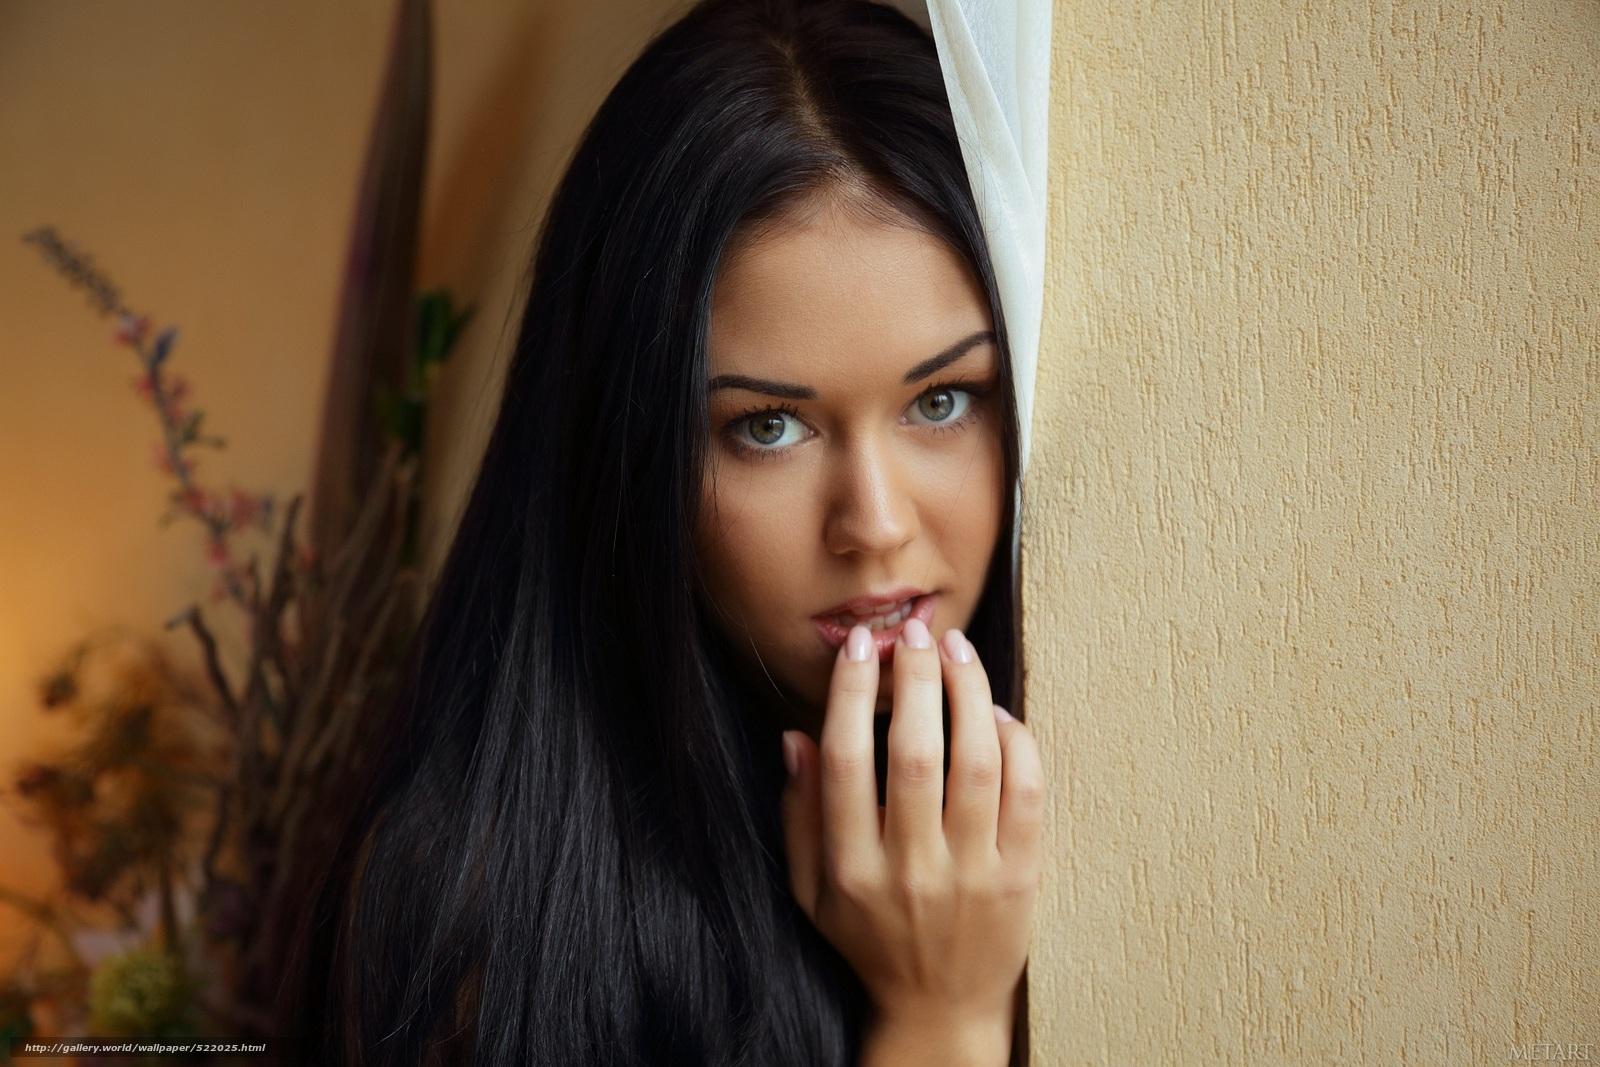 Фотографии реальных красивых девушек модели 31 фотография